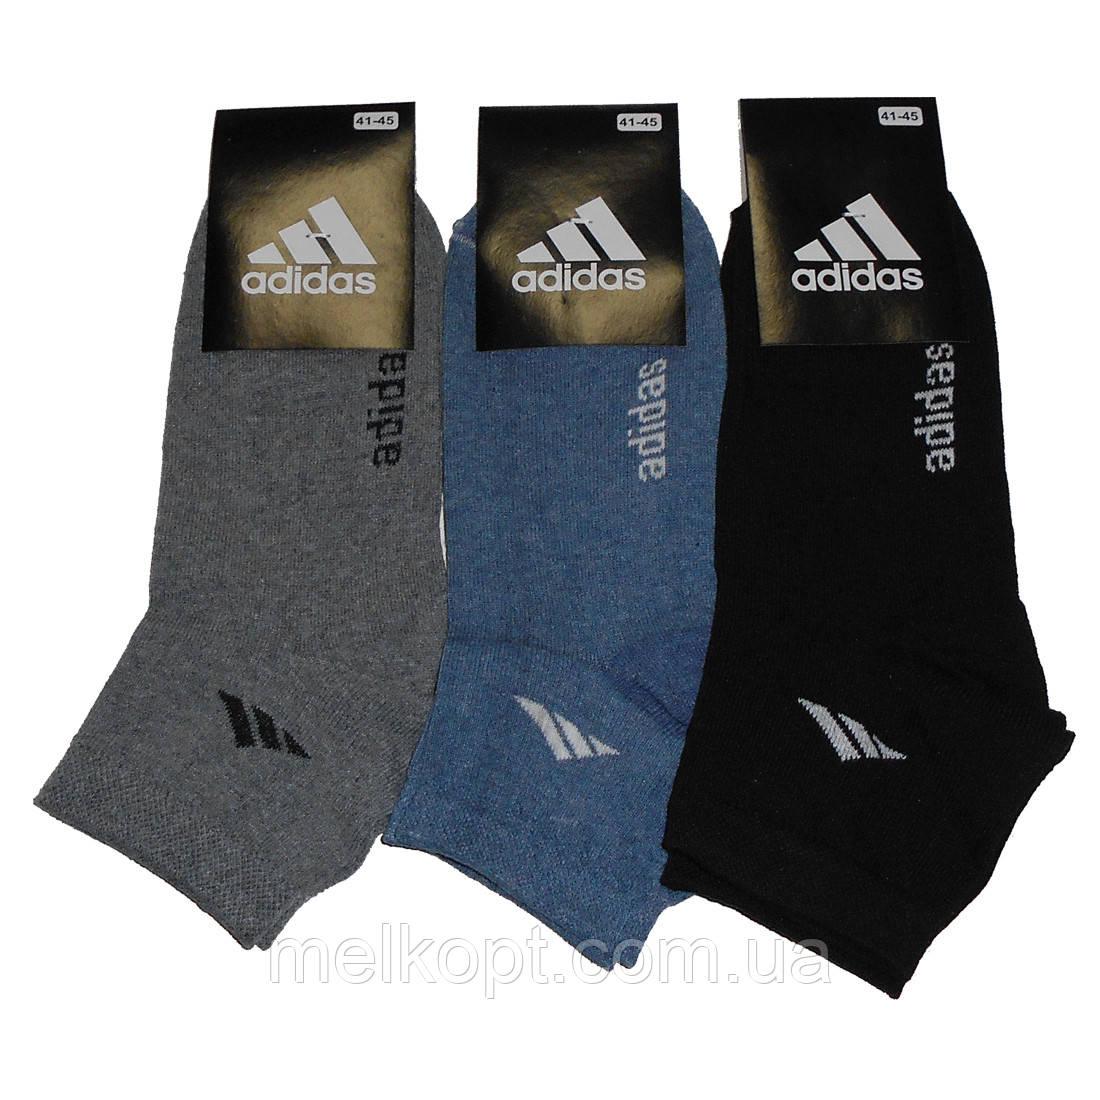 Мужские носки с надписью Adidas - 8,75 грн./пара (темное ассорти)